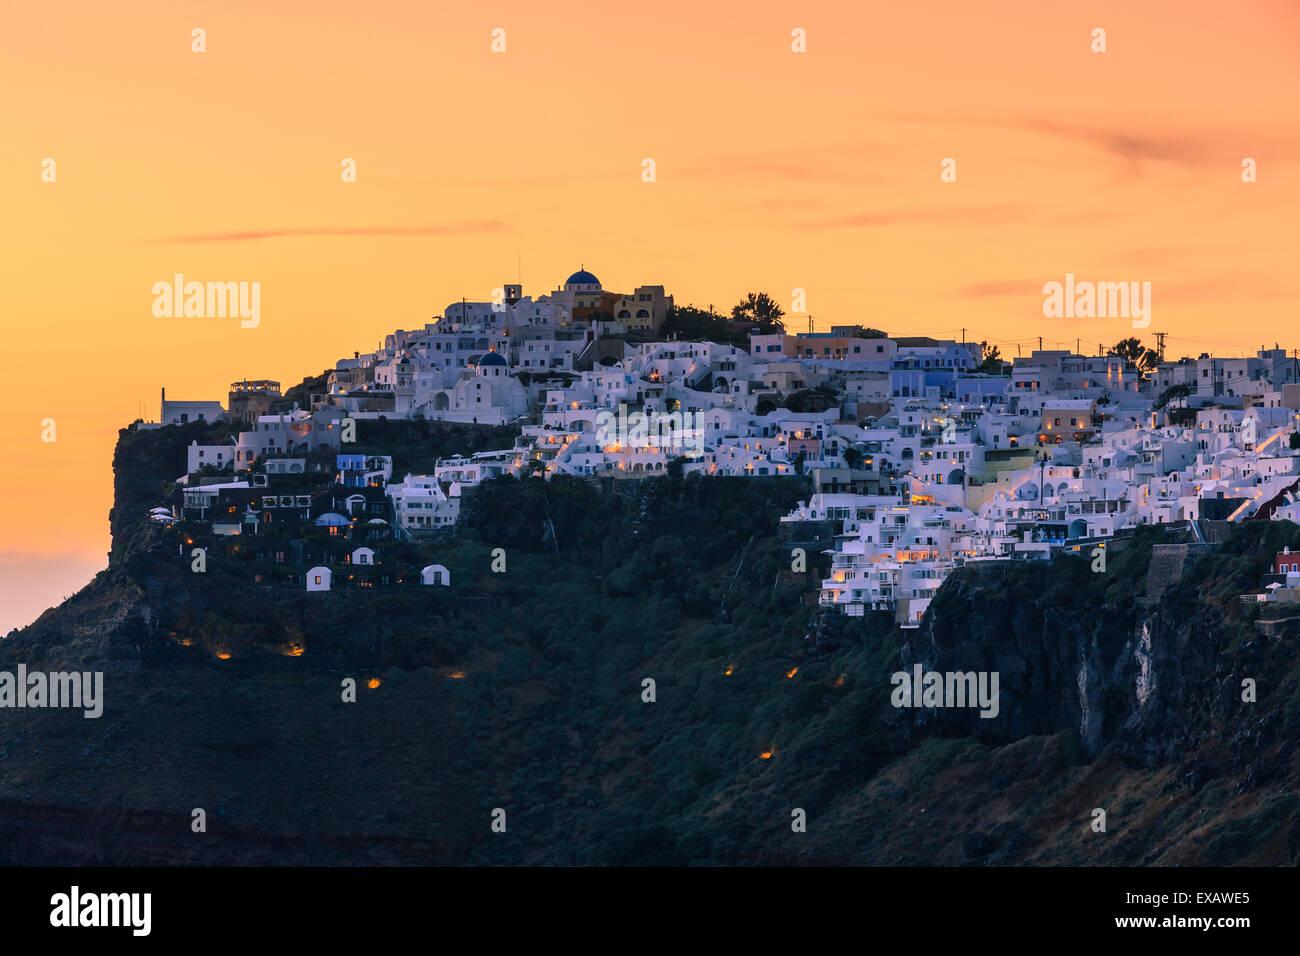 Imerovigli est un petit village entre Fira et Oia à Santorin, l'une des îles des Cyclades en mer Égée, Photo Stock